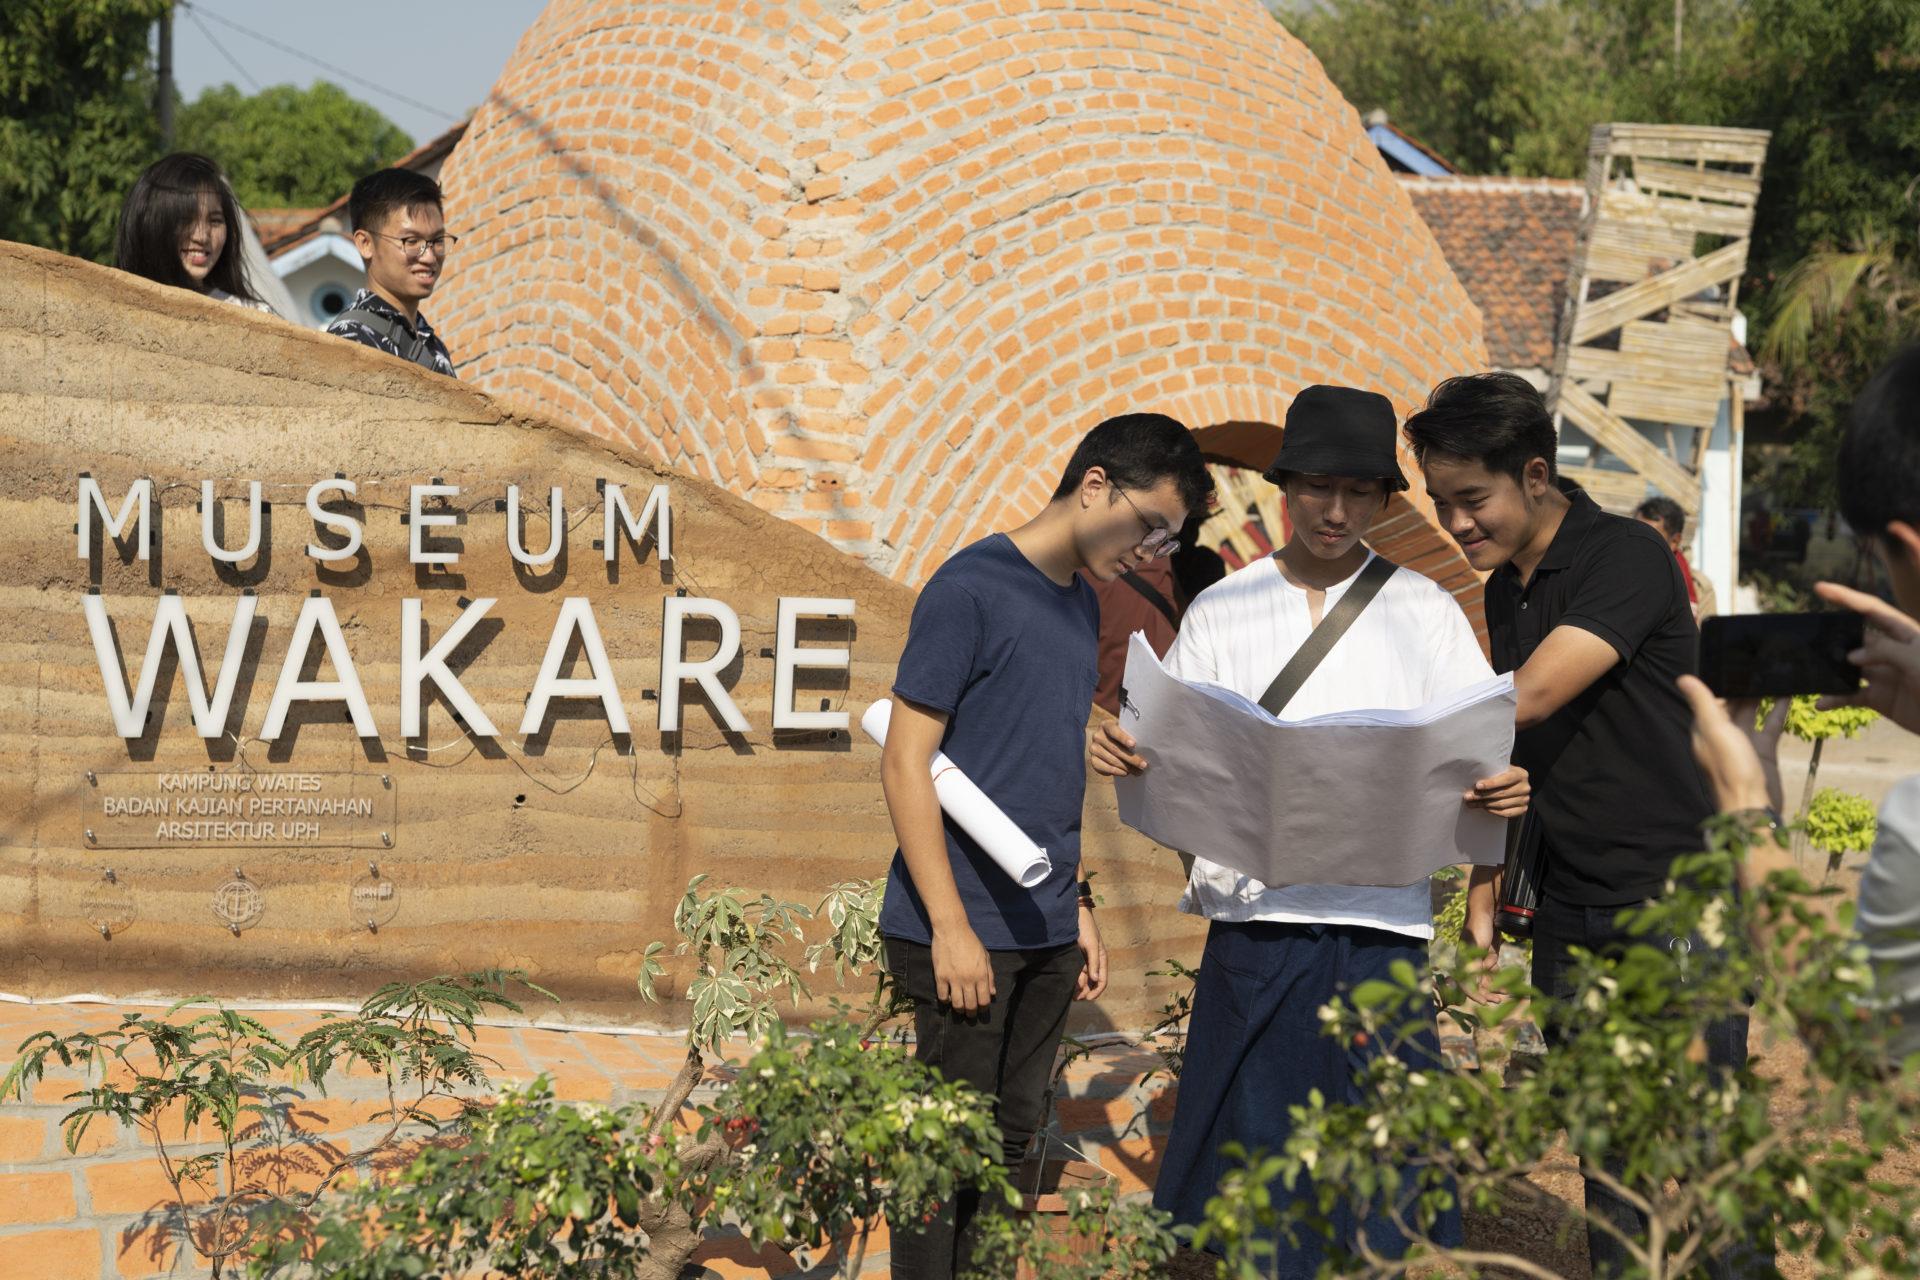 【博物之島新訊】接地氣的博物館!印尼「WAKARE MUSEUM」訴說土地的故事